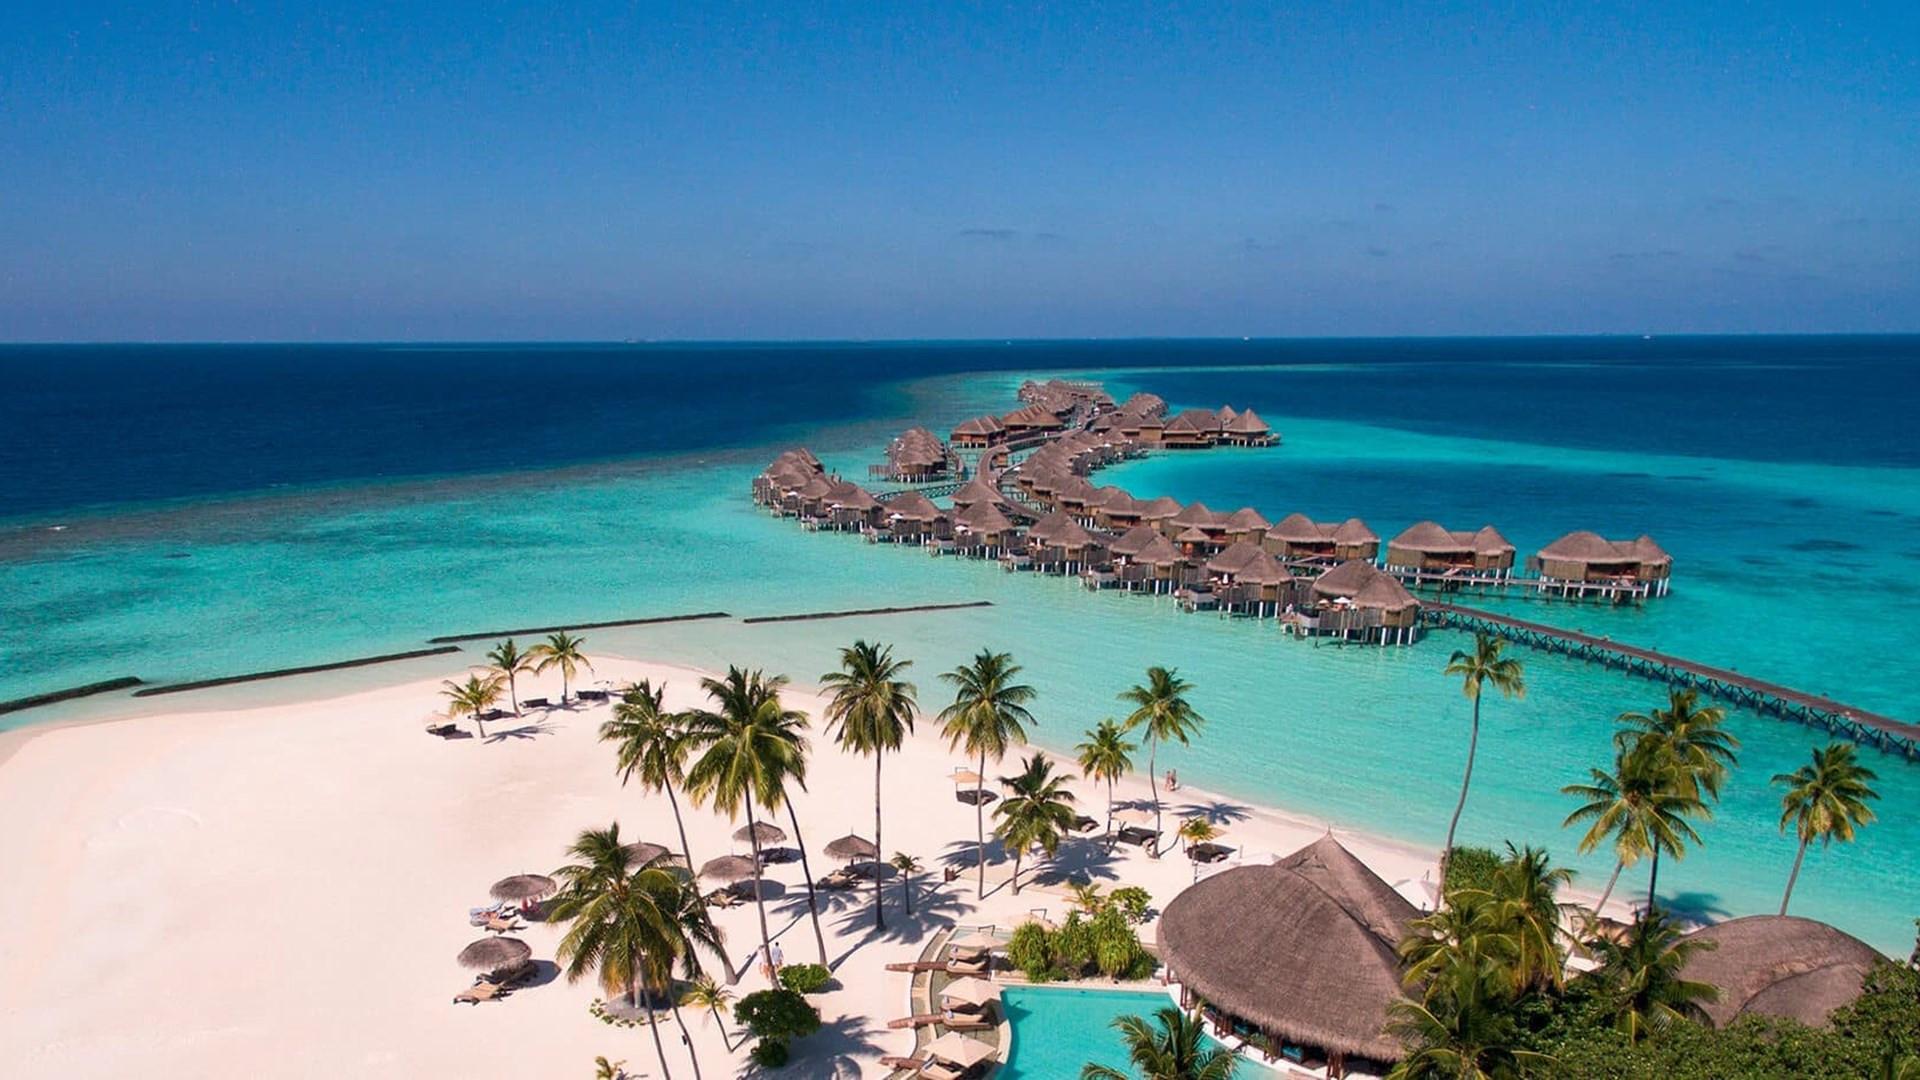 467 Resort Staffs in Quarantine facilities